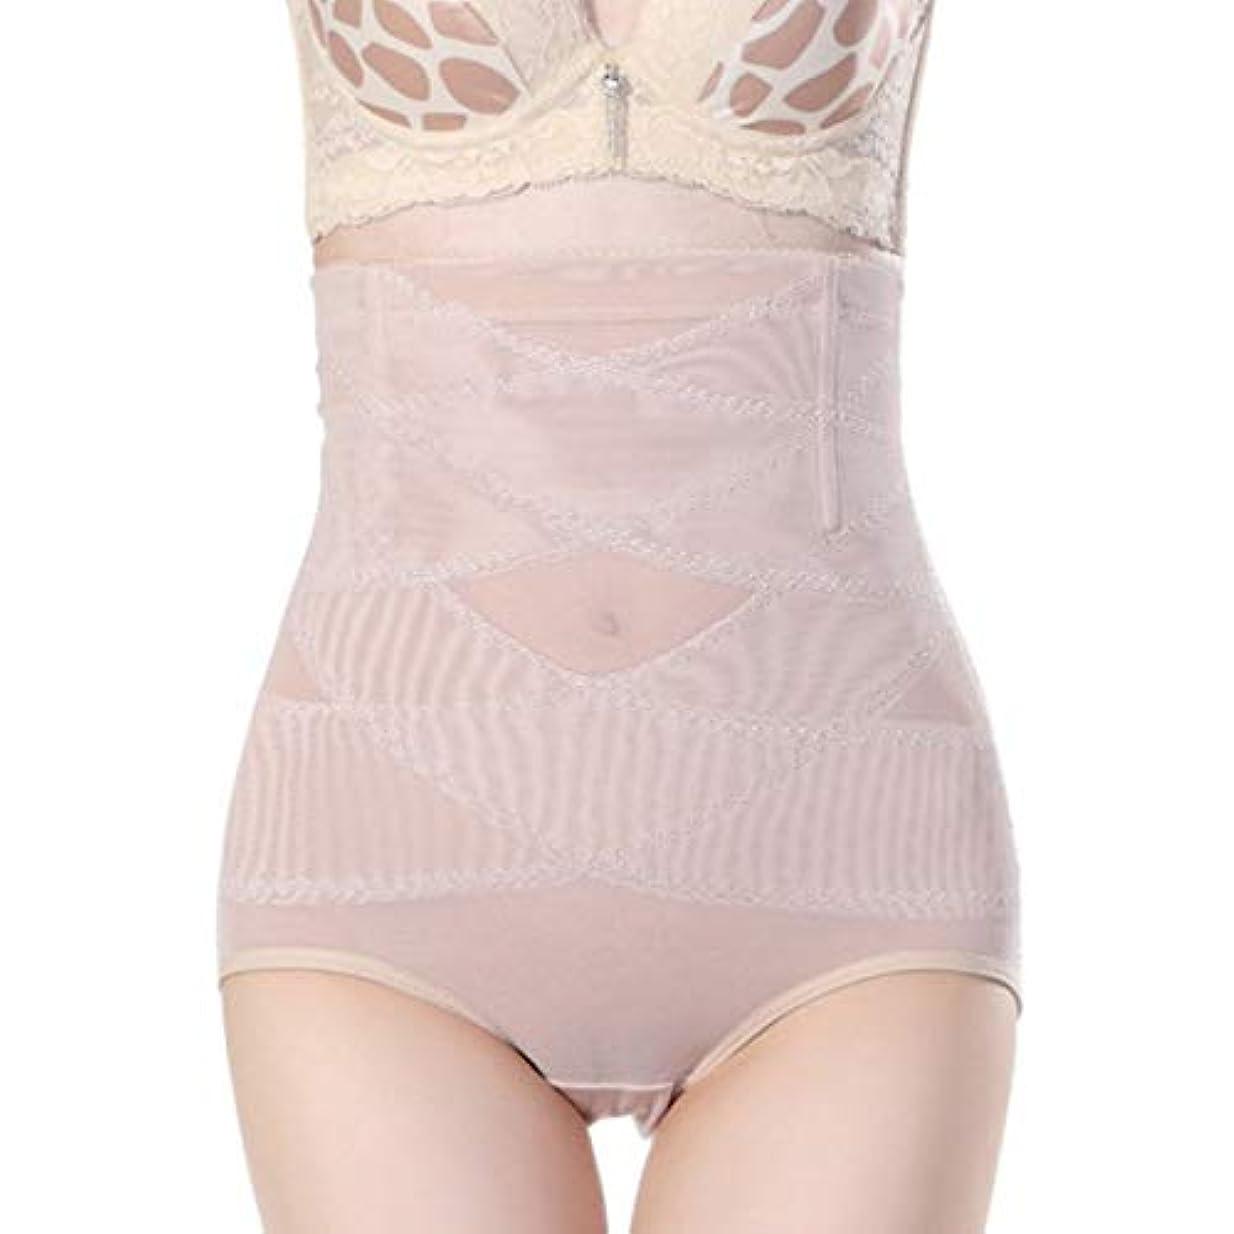 テロ予防接種する狂人腹部制御下着シームレスおなかコントロールパンティーバットリフターボディシェイパーを痩身通気性のハイウエストの女性 - 肌色2 XL